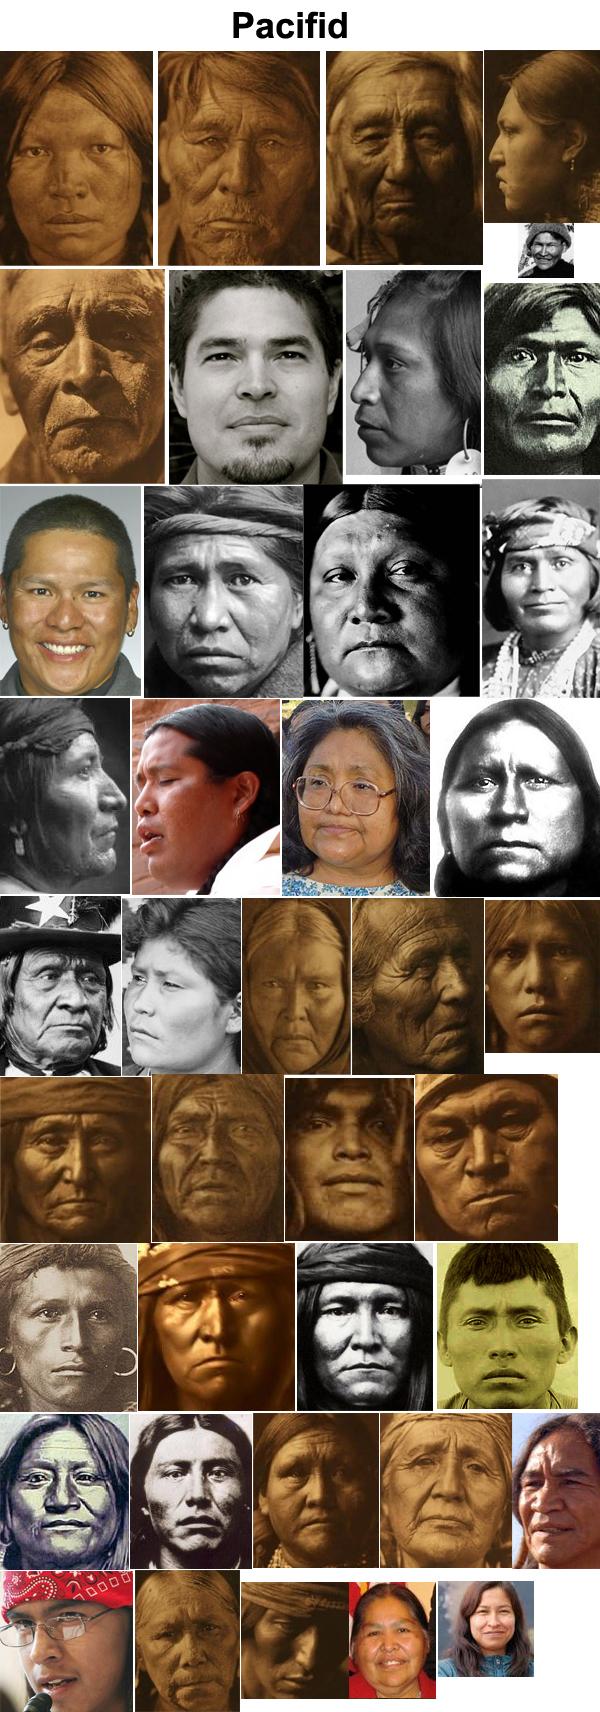 Fenotipos de los amerindios Pac_by_jhda-d4c8lv7